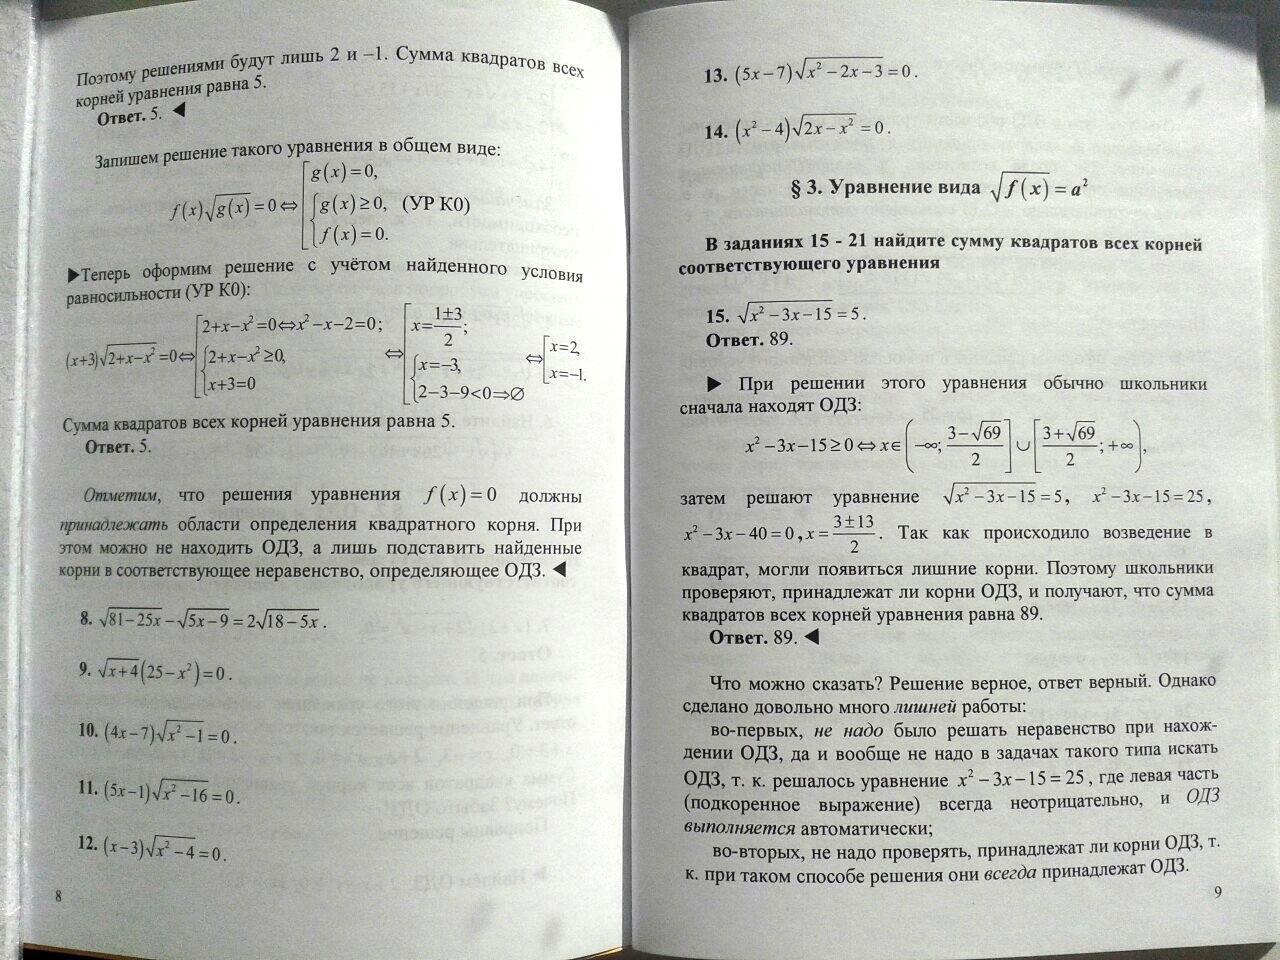 Иллюстрация 1 из 5 для Иррациональные уравнения. ЕГЭ. Математика. Выпуск 1 - Софья Колесникова | Лабиринт - книги. Источник: Лабиринт